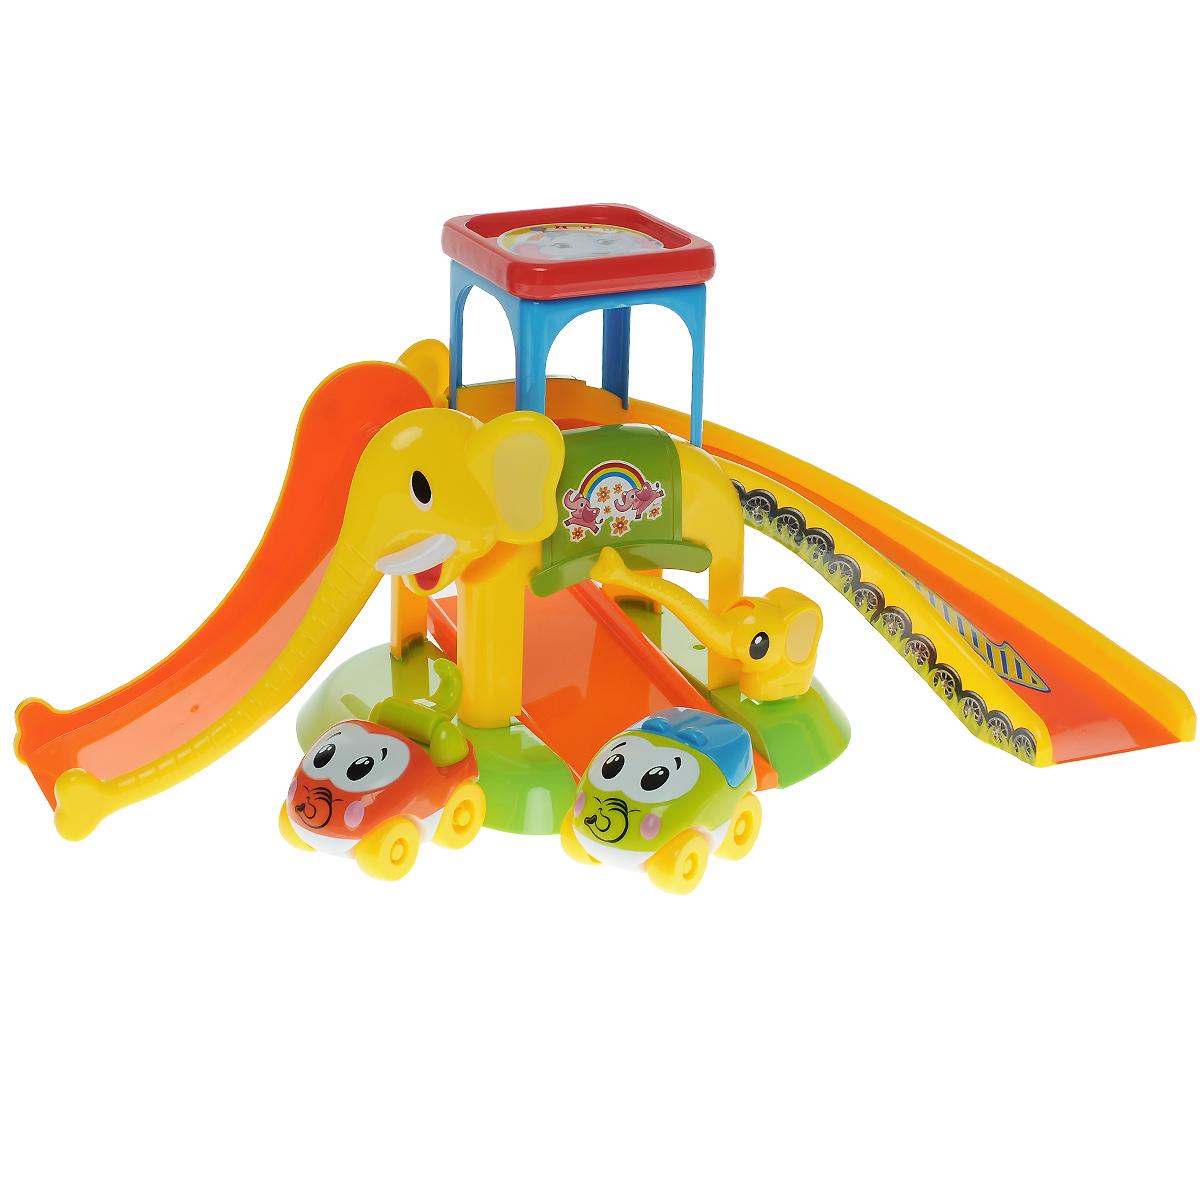 Игровой набор Fun For Kids Моя первая парковка23036Игровой набор Fun For Kids Моя первая парковка с веселыми глазастыми машинками будет отличным подарком для юного автомобилиста. С таким ярким и безопасным набором можно играть даже самым маленьким детям. Элементы выполнены из прочного безопасного пластика, не имеют острых углов, детали крупные. Набор включает в себя две симпатичные машинки и элементы, с помощью которых можно собрать необычную парковку с горками. Внизу парковки расположена платформа со шлагбаумом, который поднимается и опускается. Машинки, пропущенные шлагбаумом, можно поднять выше, чтобы они могли быстро съехать с горок. А на самой крыше парковки есть место для машинки, которая решила немного отдохнуть. Порадуйте своего ребенка таким замечательным подарком!